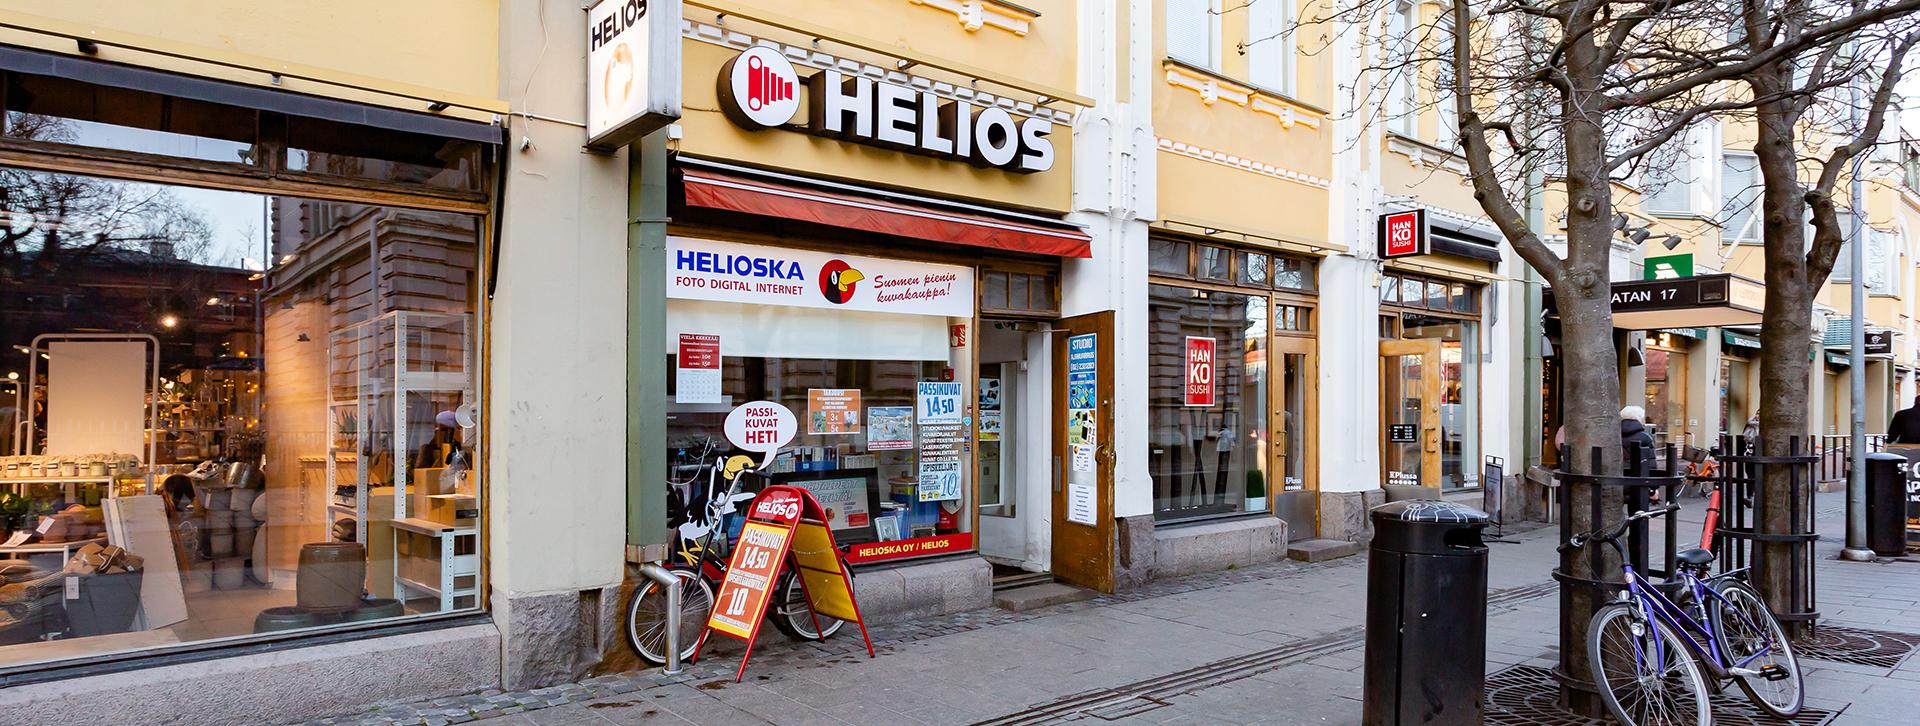 helioska